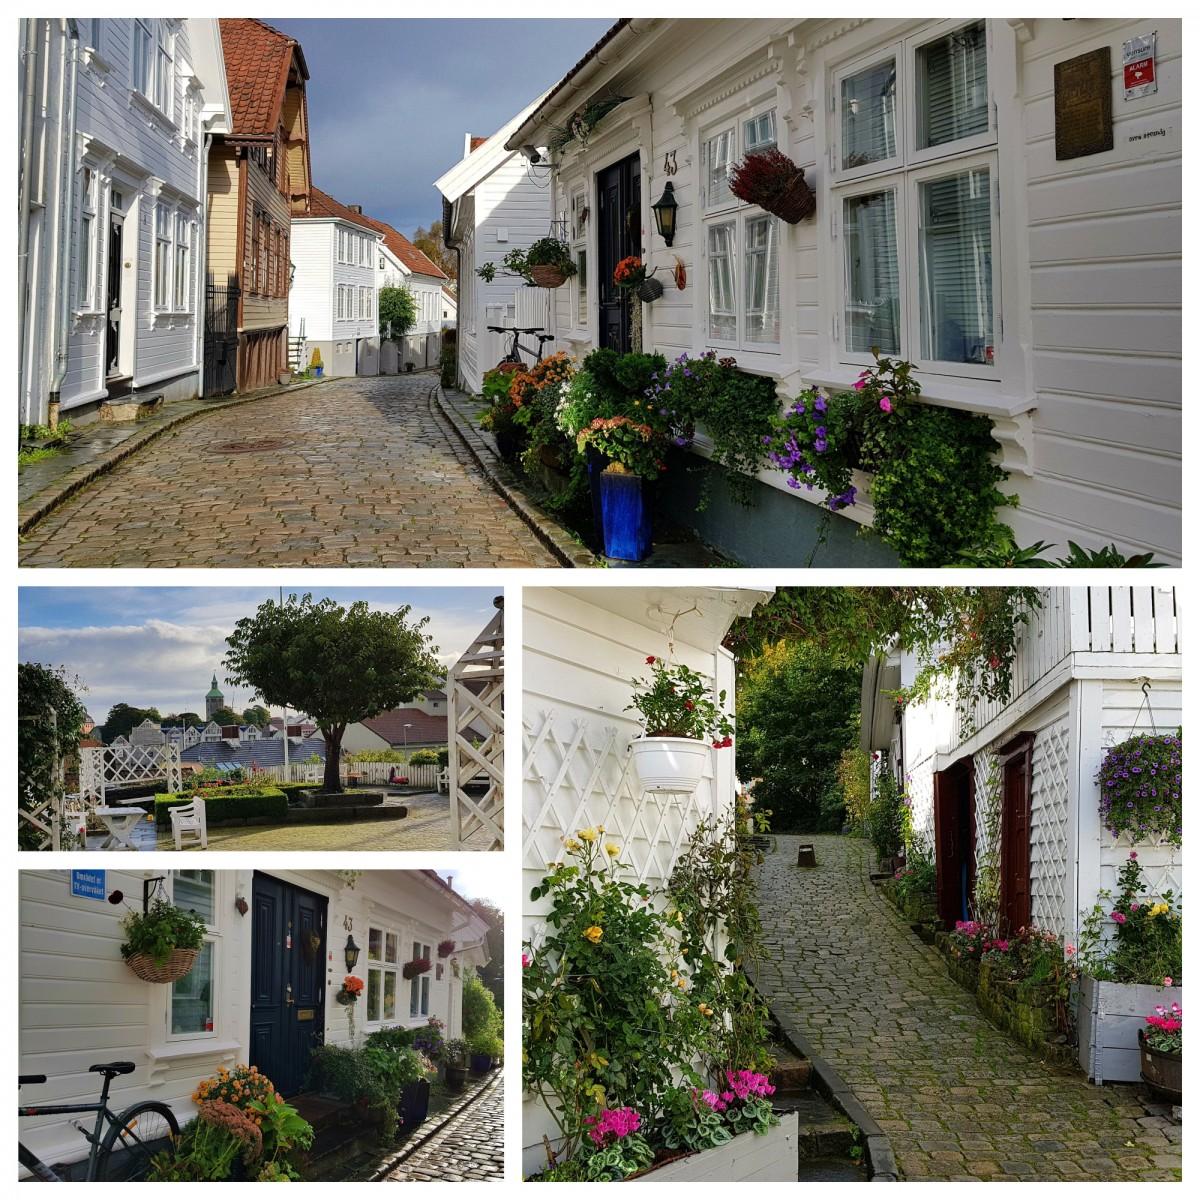 Gamel Stavanger